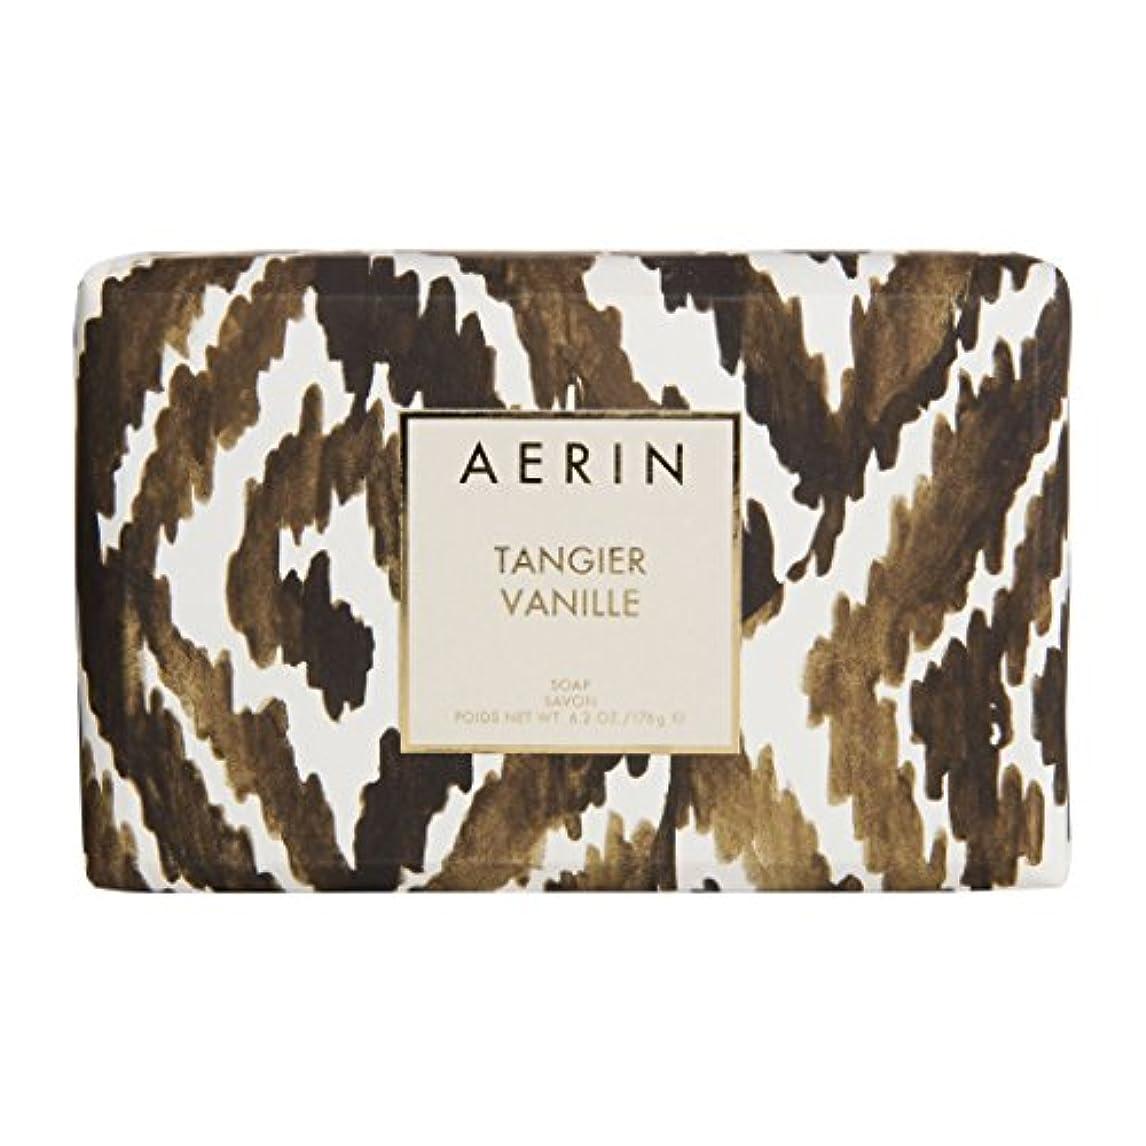 市の花ラック介入するAERIN Tangier Vanille (アエリン タンジヤー バニール) 6.2 oz (186ml) Soap 固形石鹸 by Estee Lauder for Women